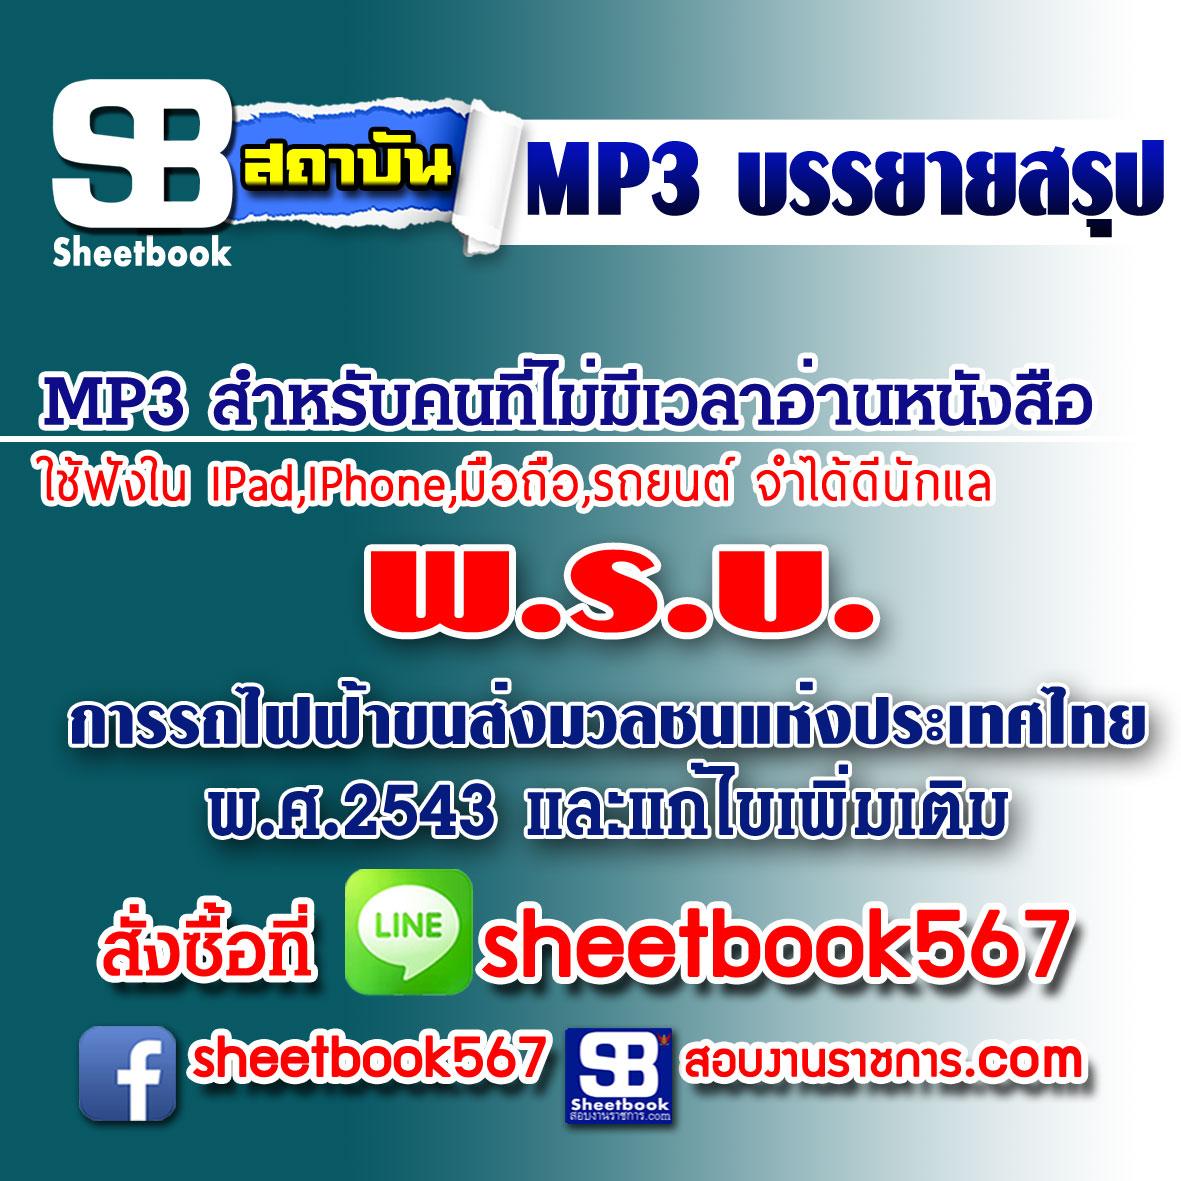 P037 - พรบ.การรถไฟฟ้าขนส่งมวลชนแห่งประเทศไทย 2543